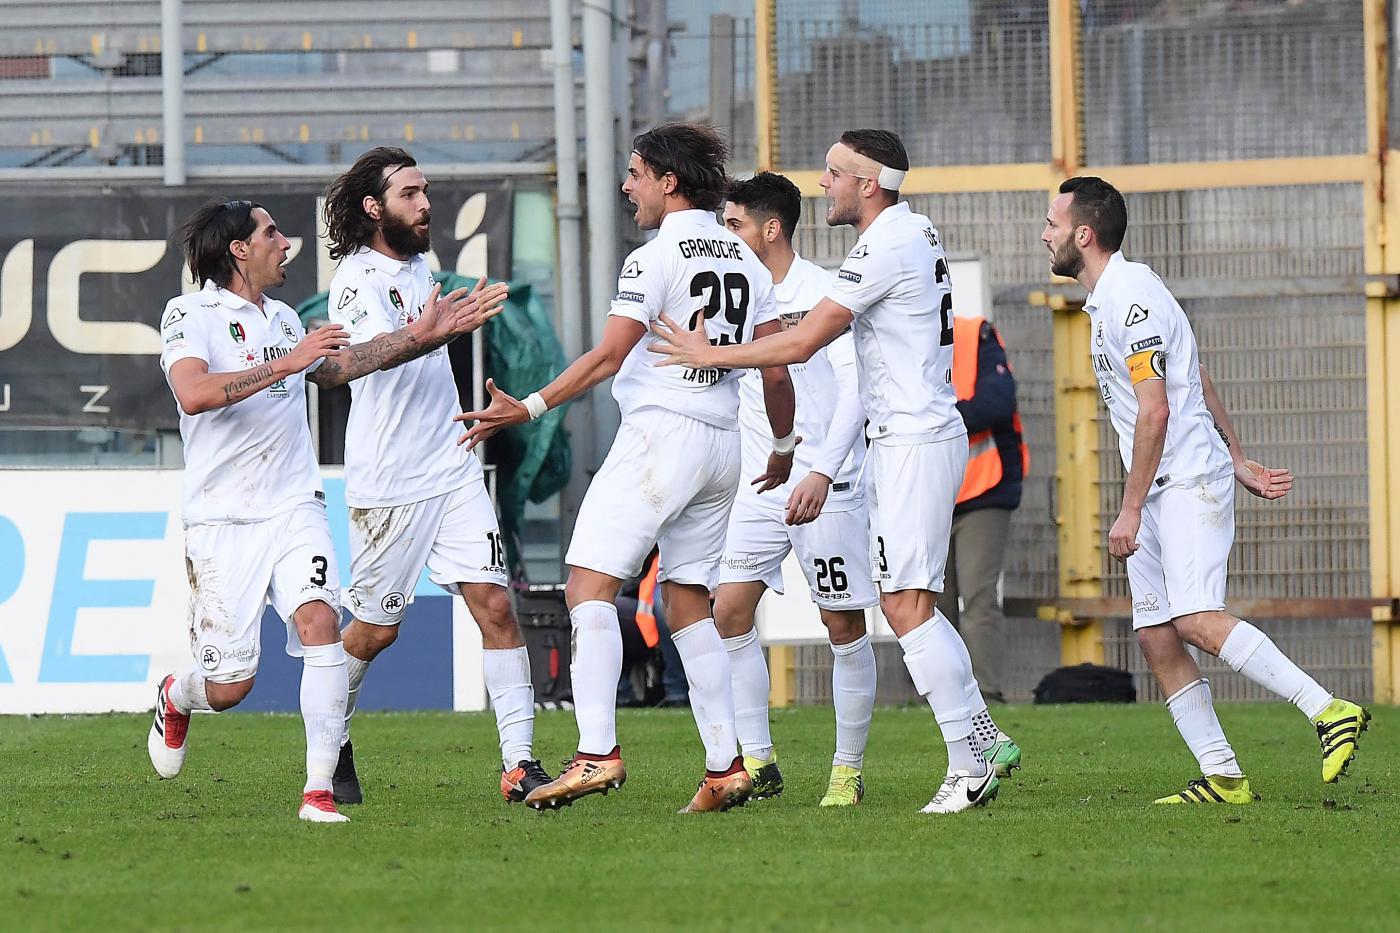 Spezia-Ternana sabato 10 marzo, analisi e pronostico Serie B giornata 30